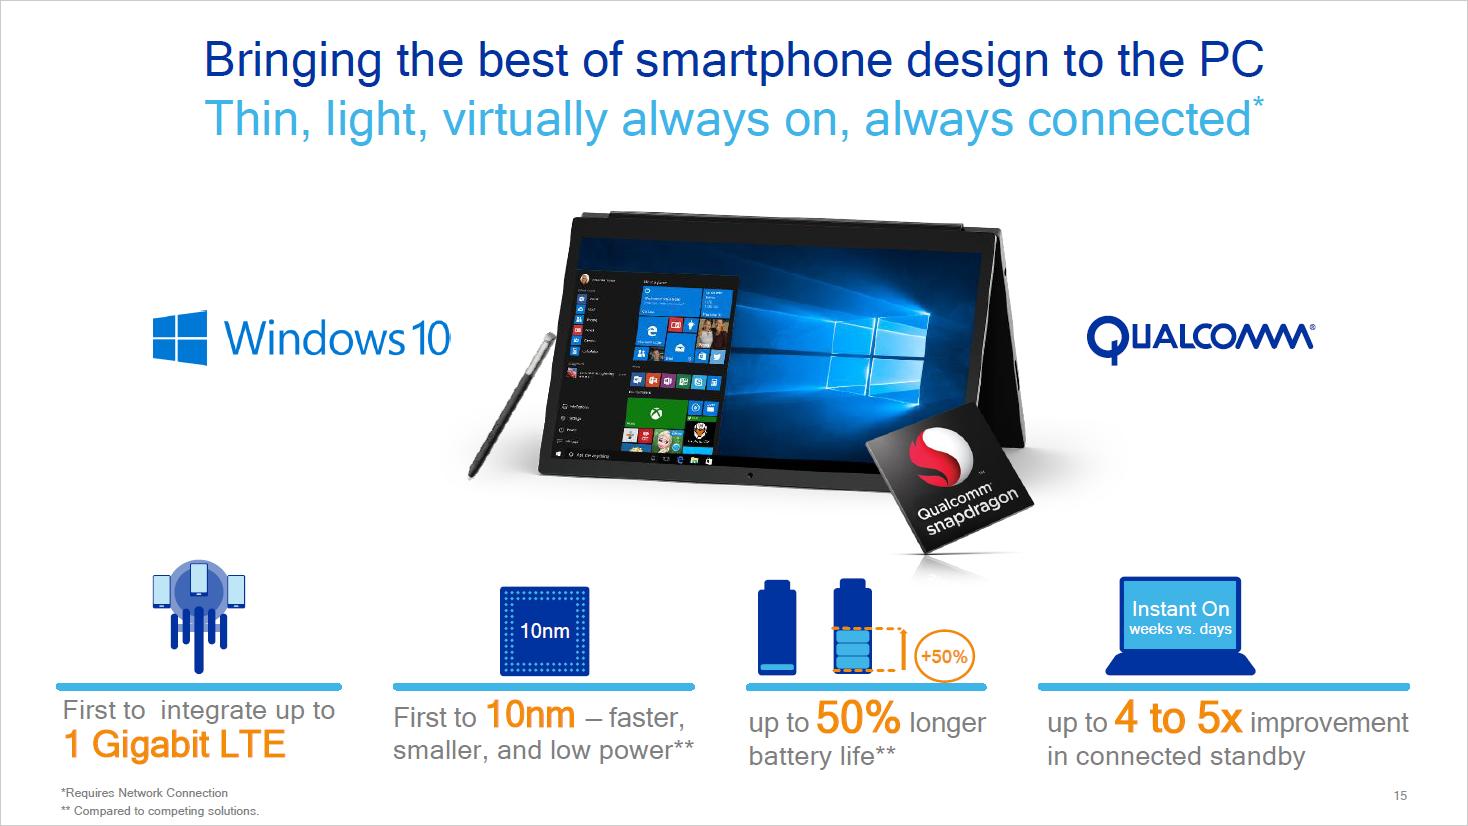 Always Connected PC: Windows 10 on ARM soll Intels x86-Ultrabooks übertreffen - Qualcomm und Microsoft sprechen vom Always Connected PC. (Bild: Qualcomm)